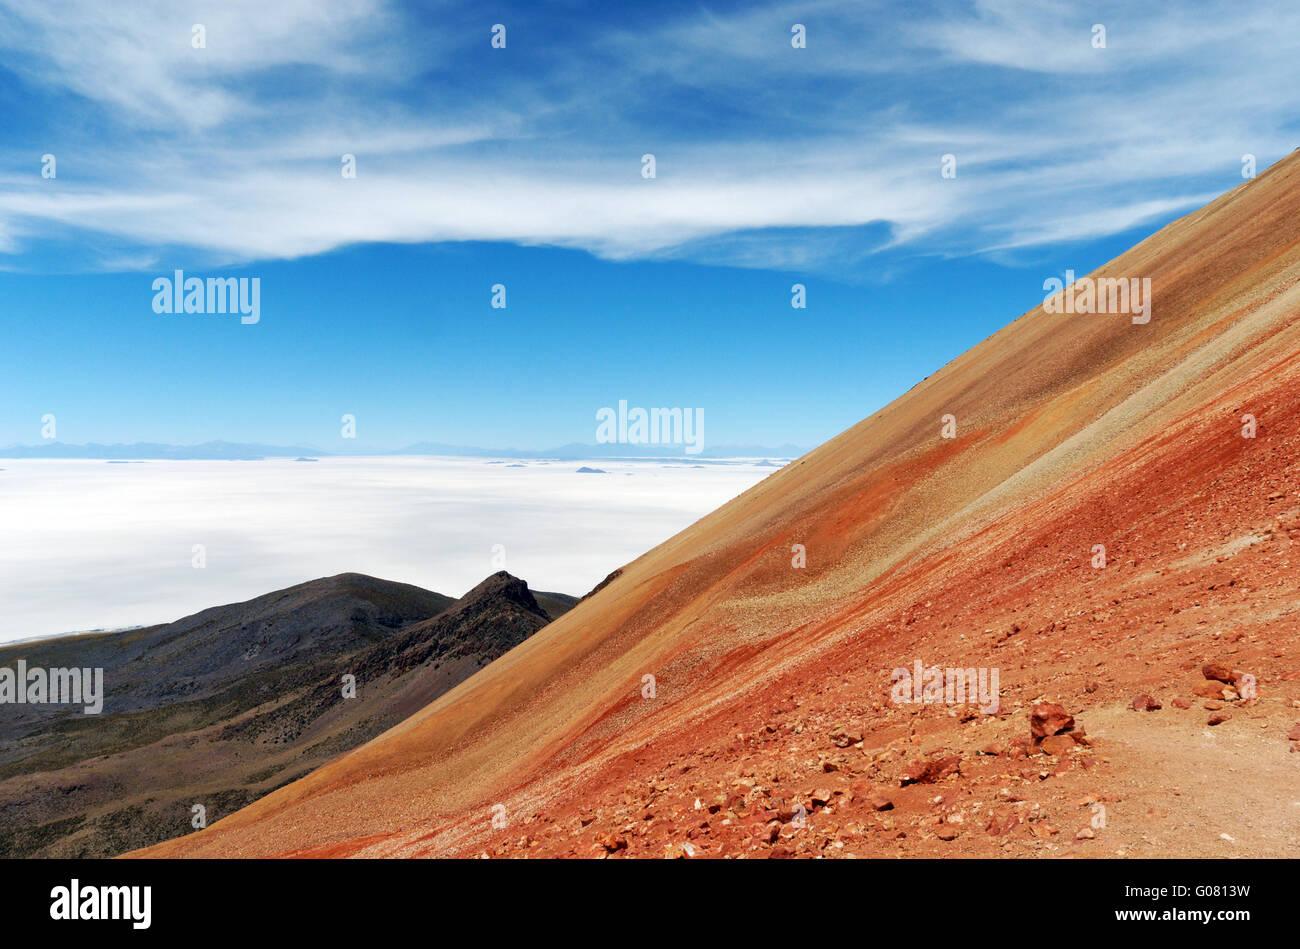 La géologie étonnante sur le sommet du volcan Tunupa dans le Salar de Uyuni en Bolivie Photo Stock